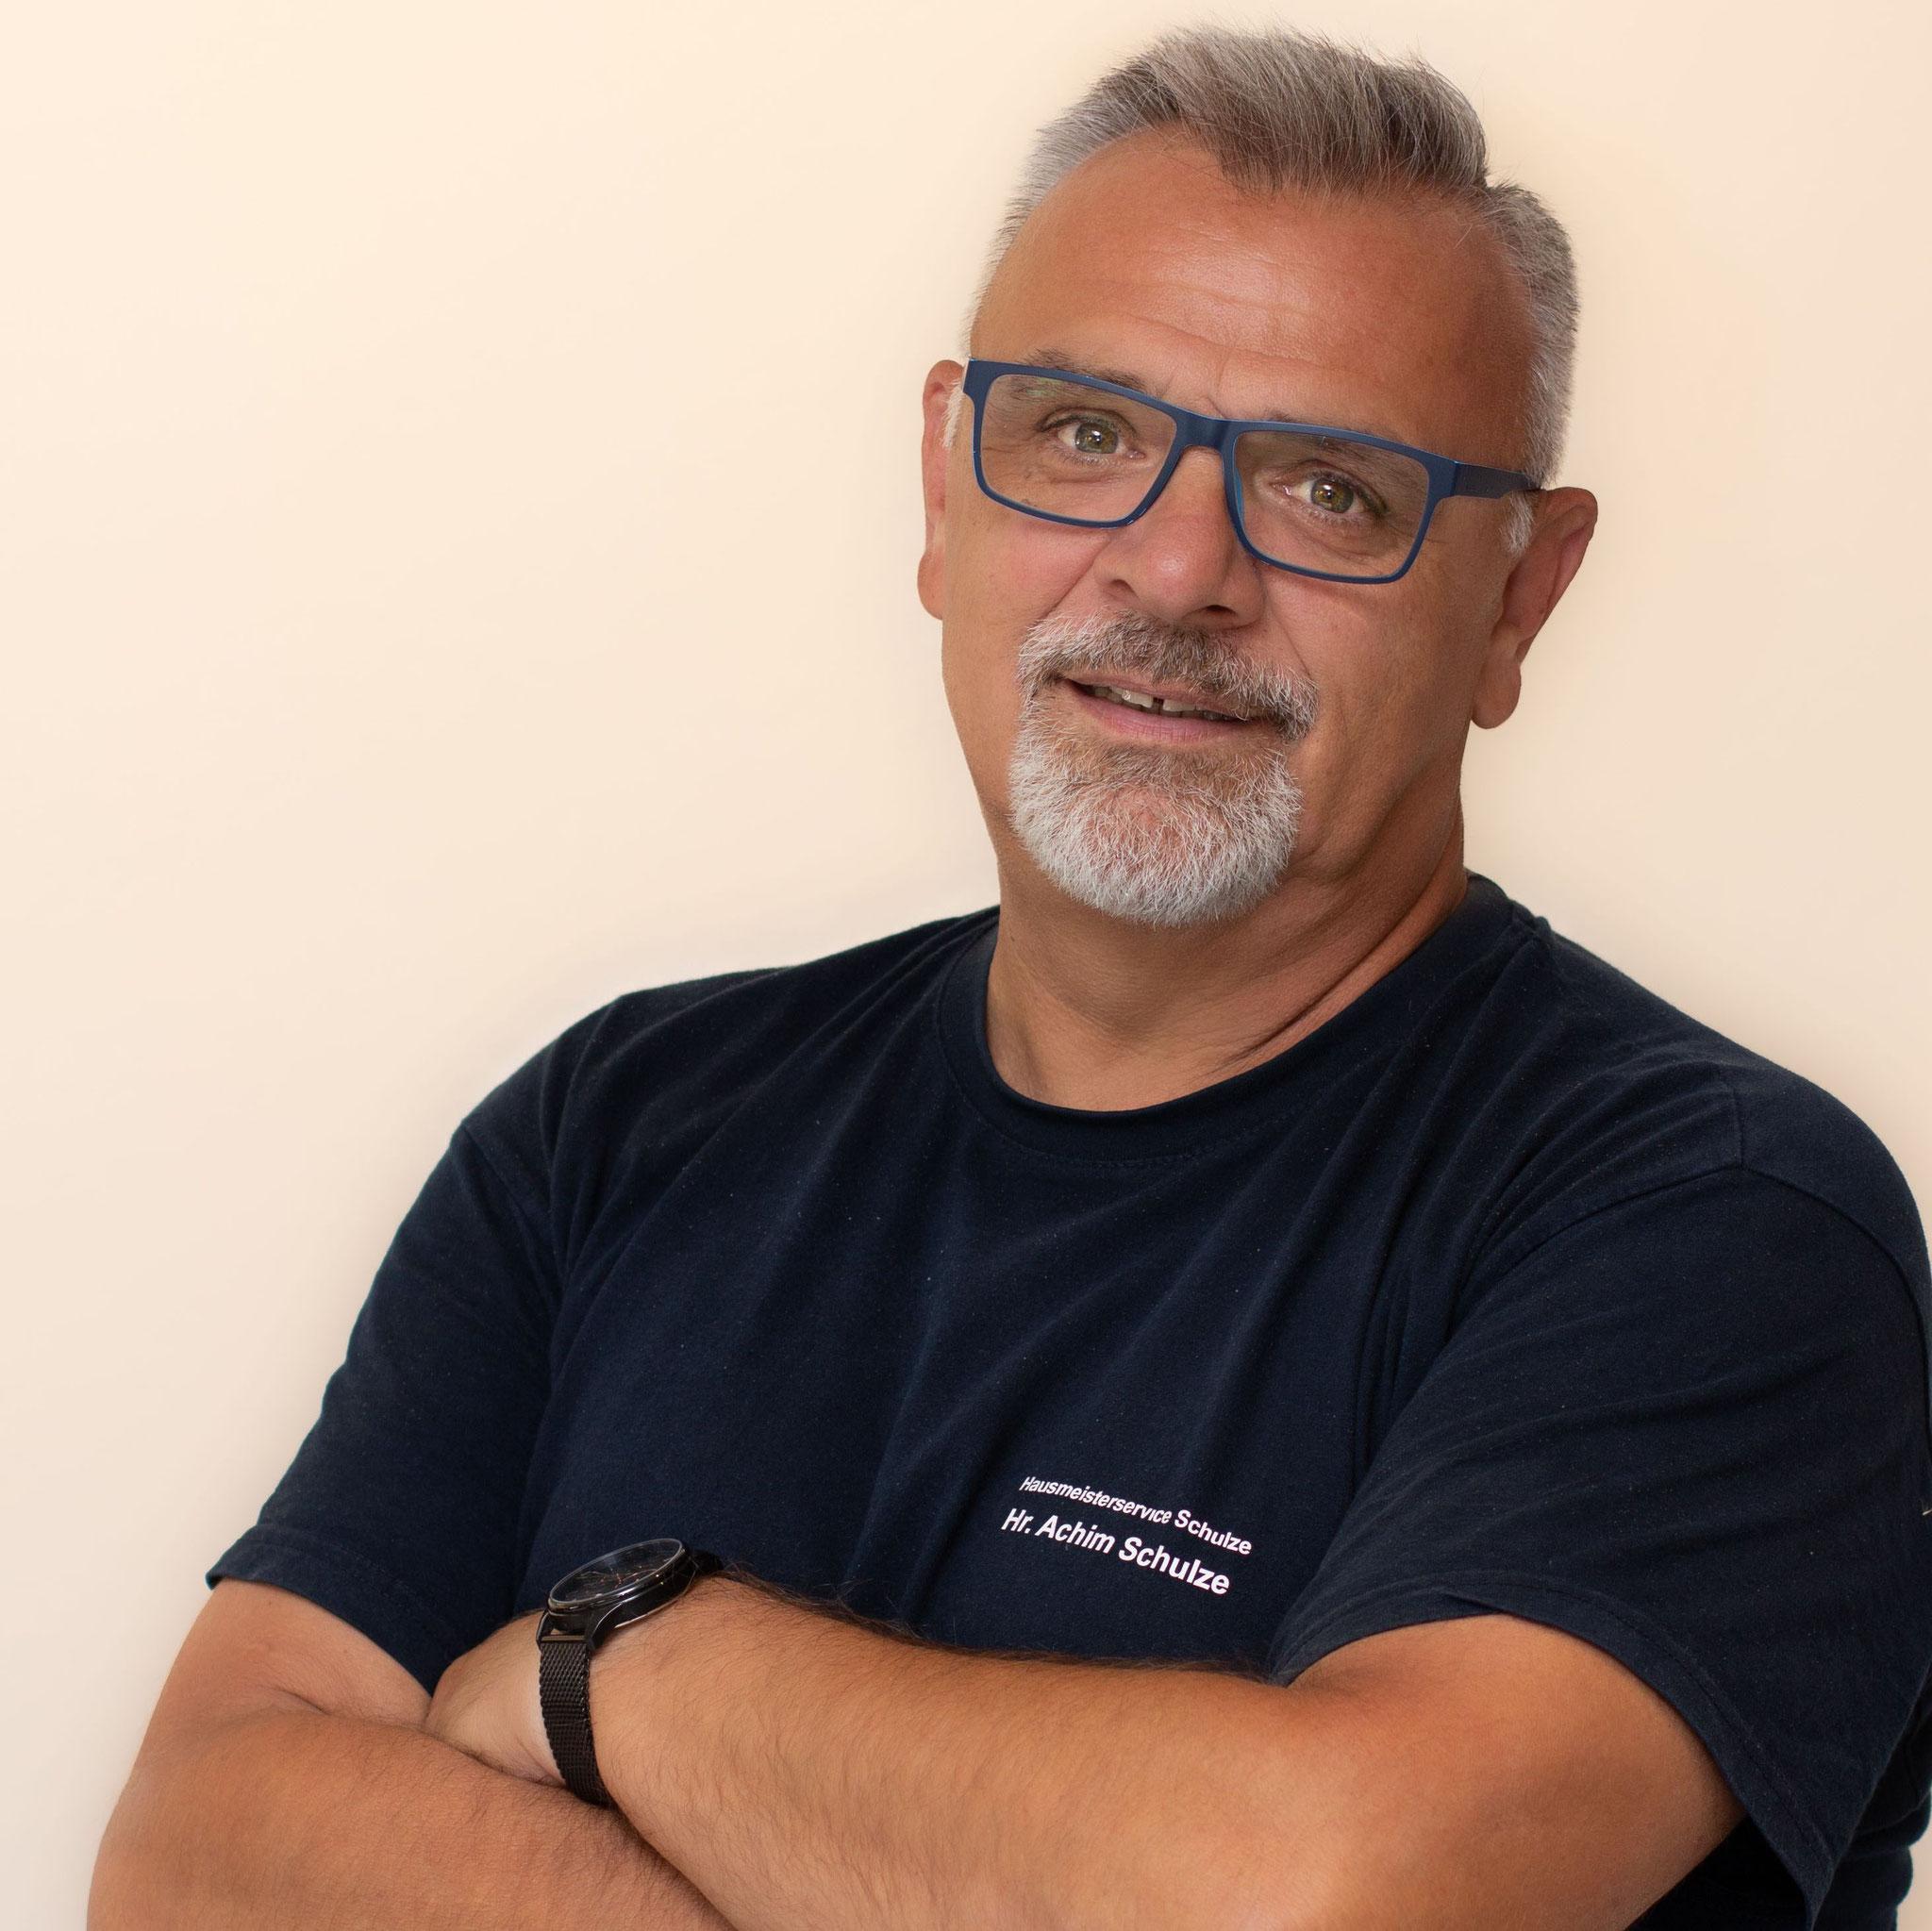 Herr Schulze - Inhaber/Büroleitung/Teamleitung